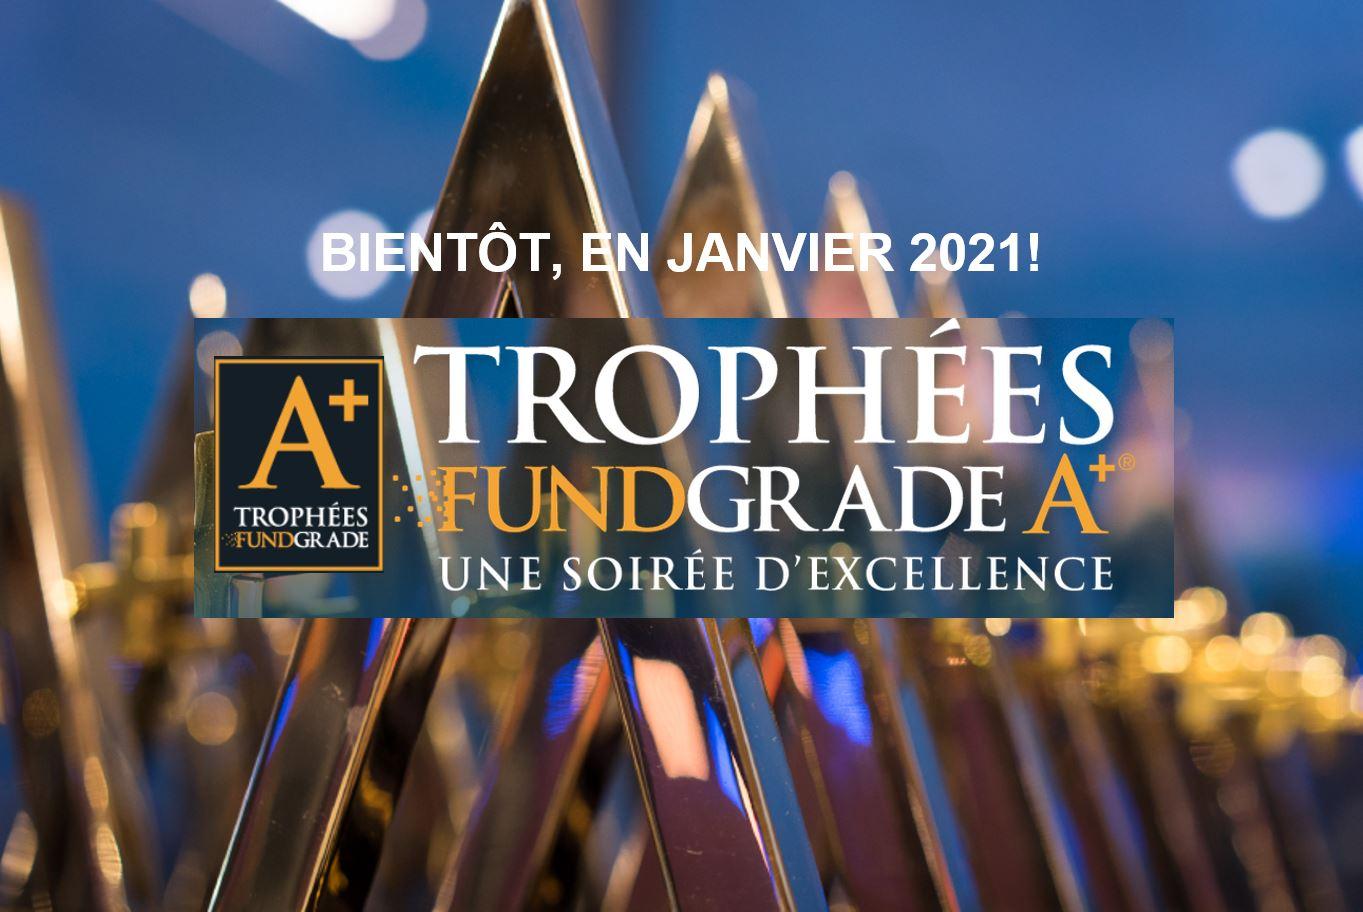 Les FNB candidats au Trophée FundGrade A+® pour l'année 2020